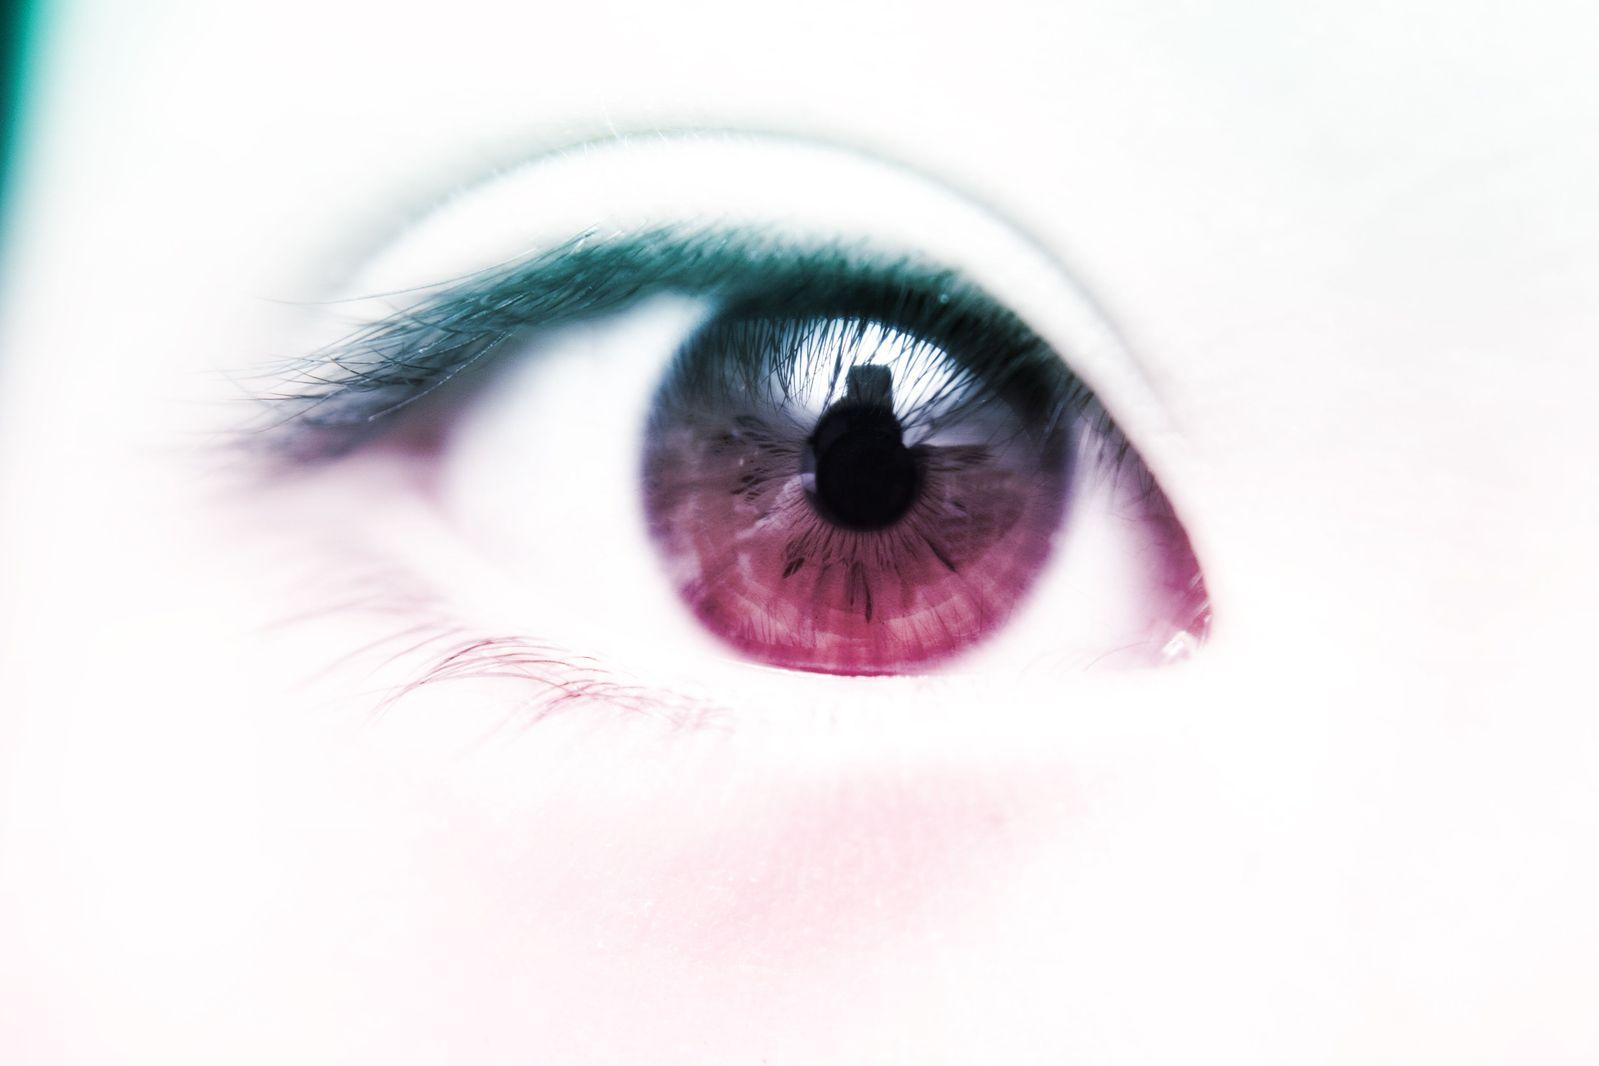 A techie eye